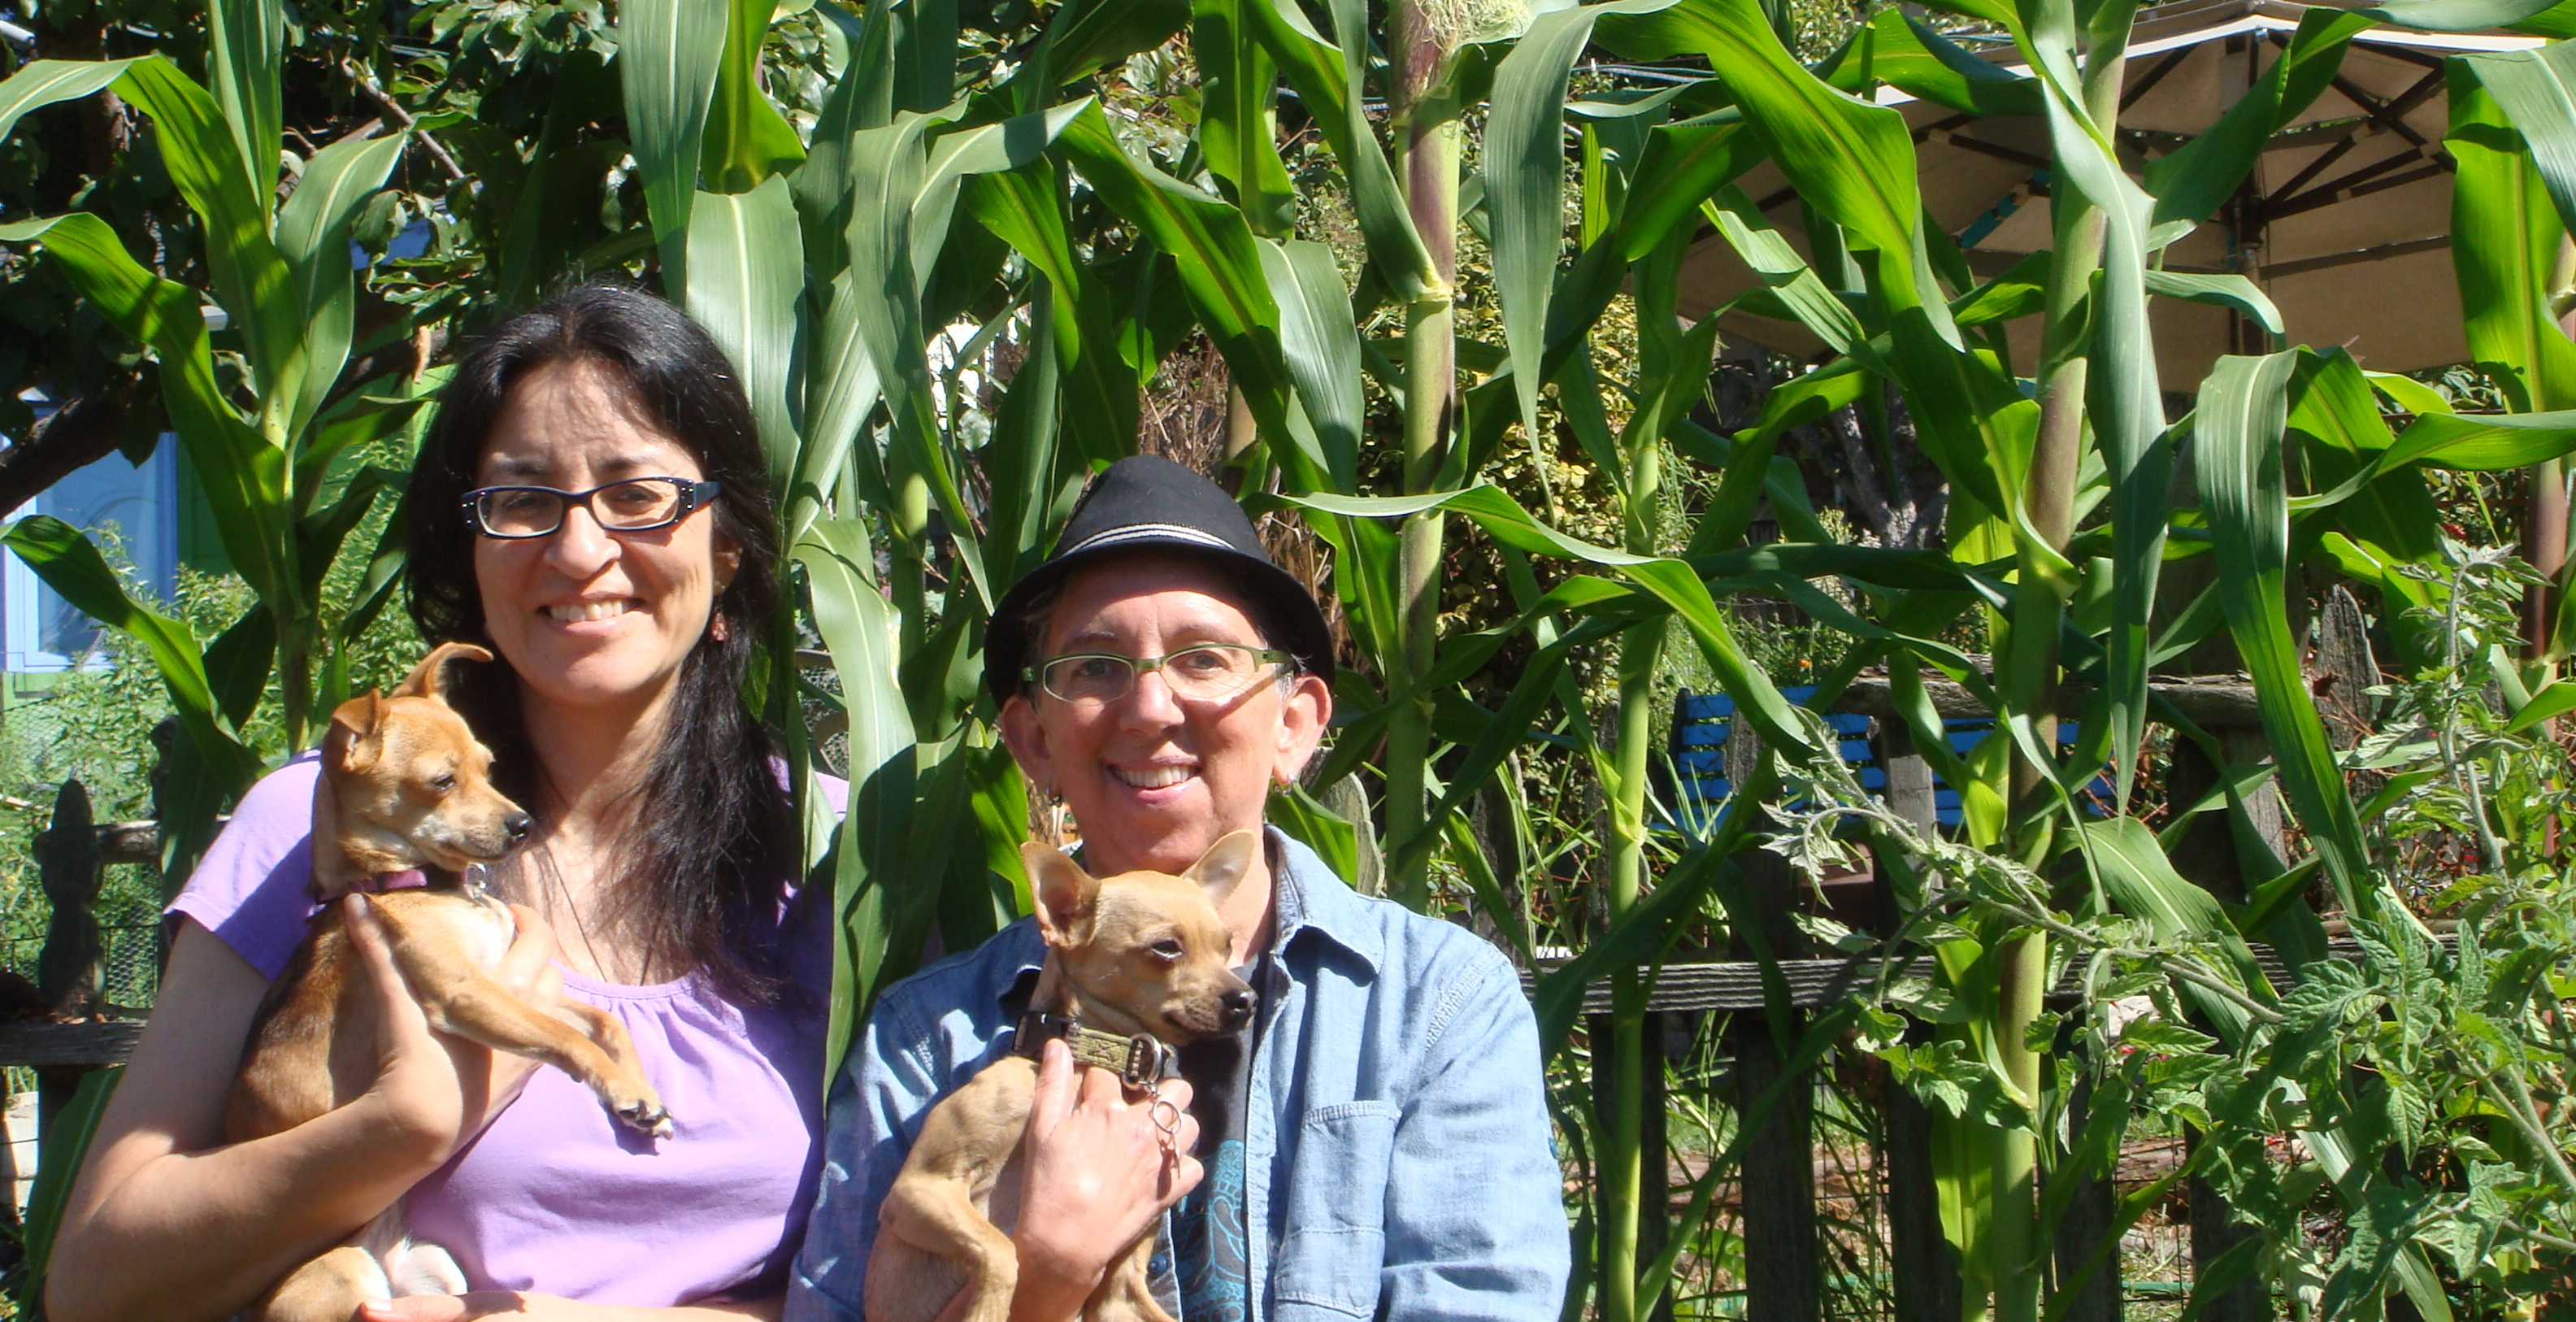 Luz+Calvo+and+Catriona+Esquibel+Garden-2